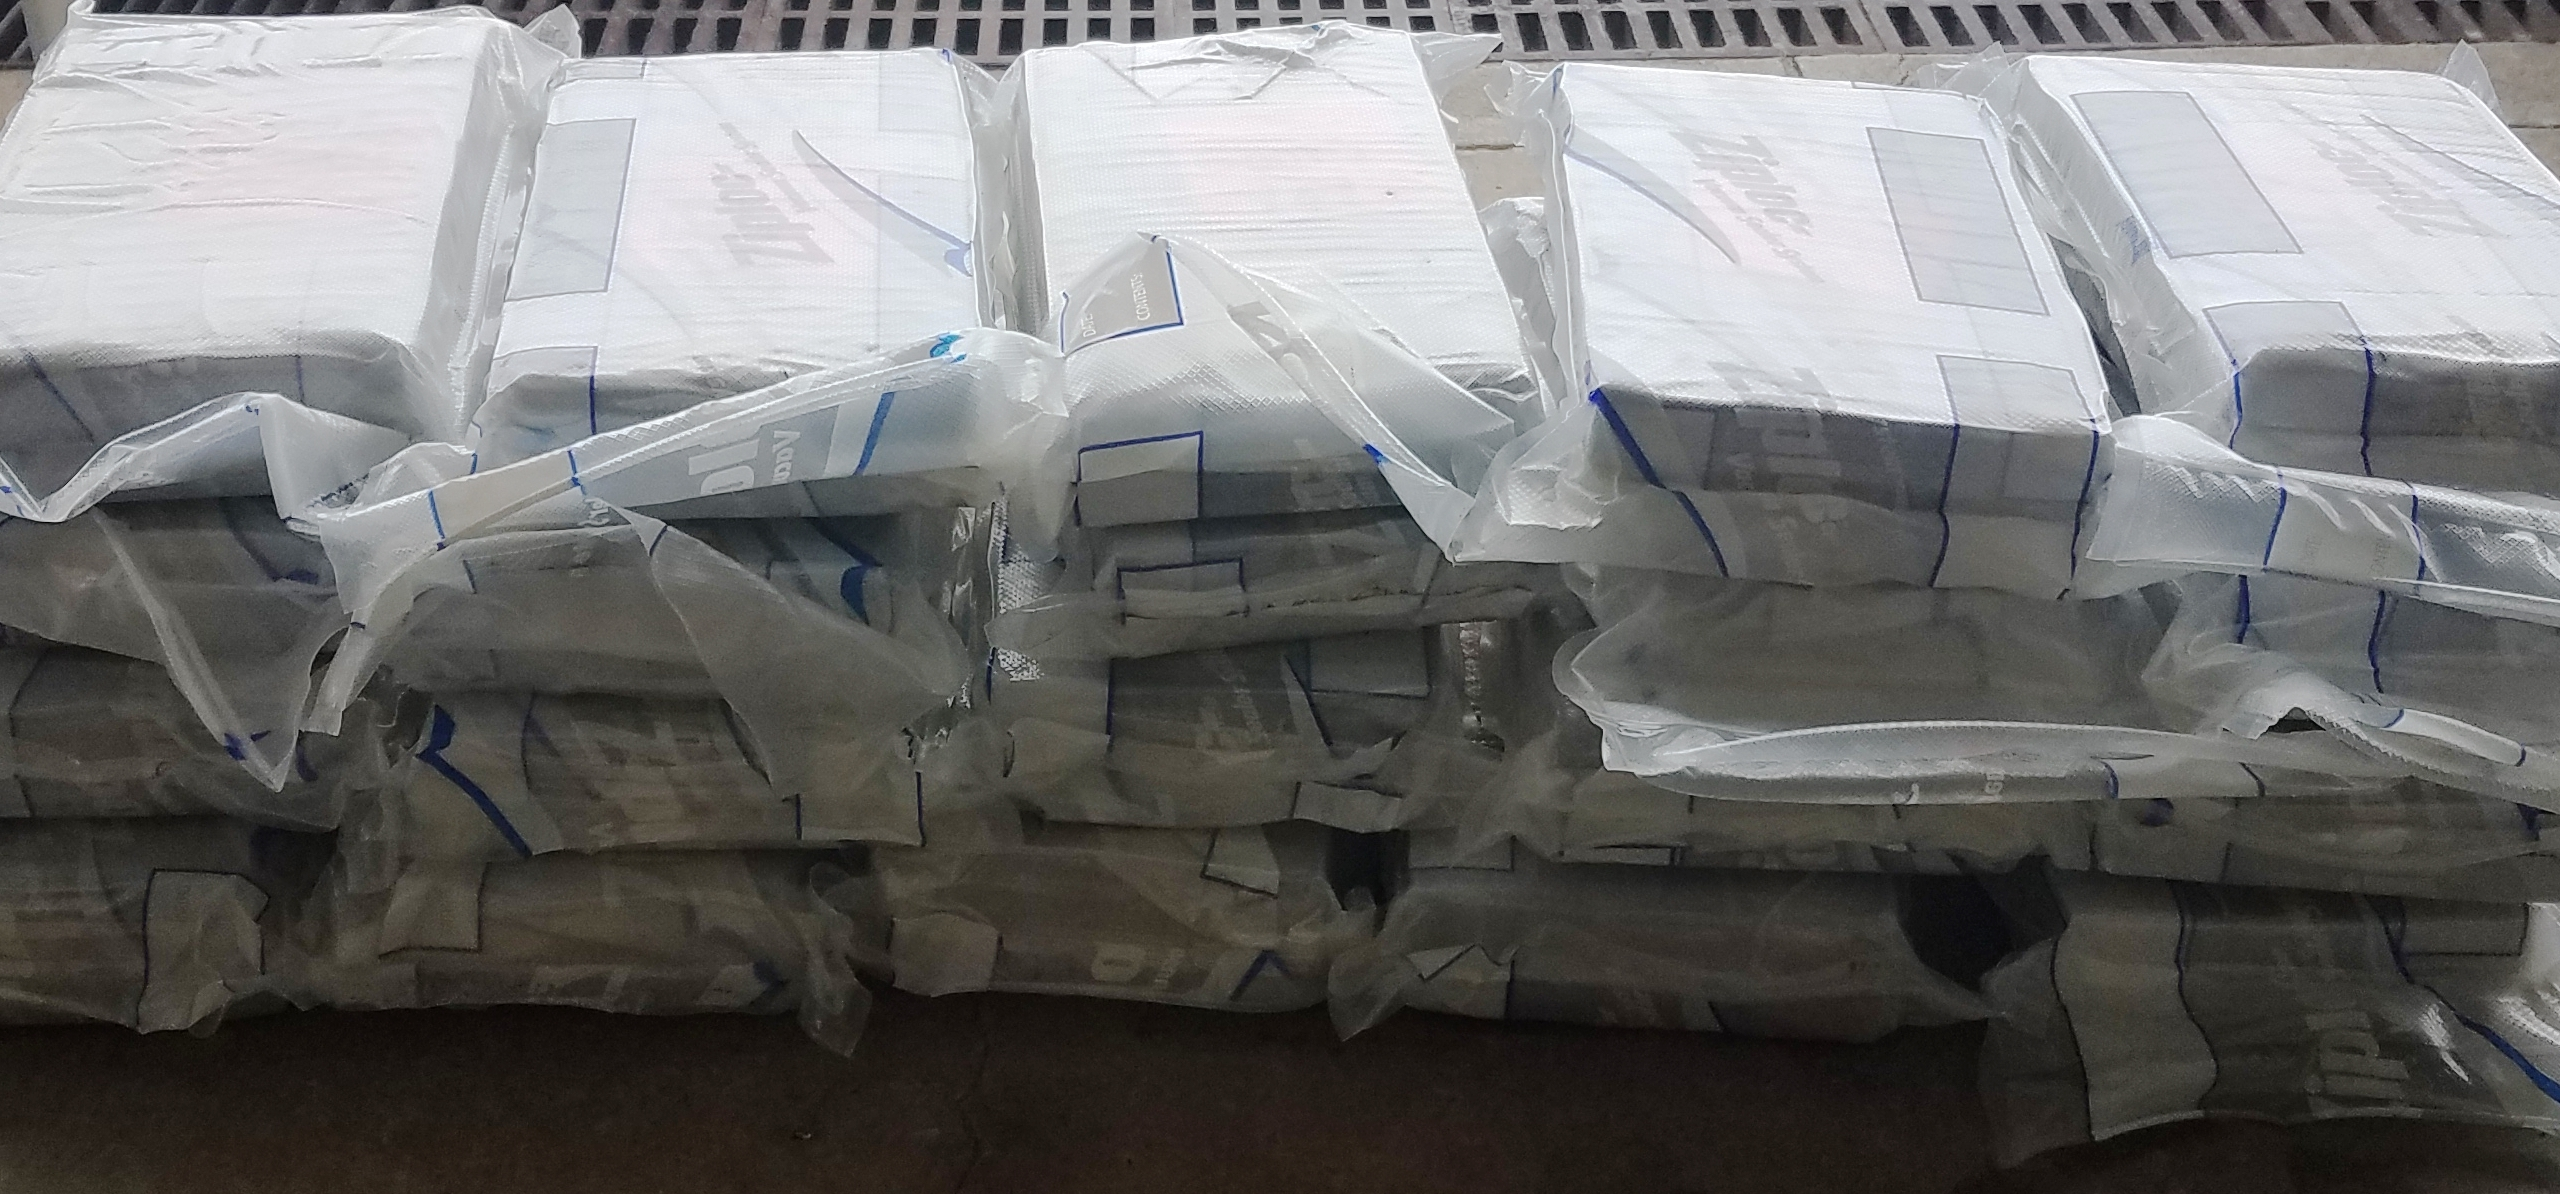 02232018 Cocaine Seizure, Courtesy CBP Hidalgo_1519763867201.jpg.jpg